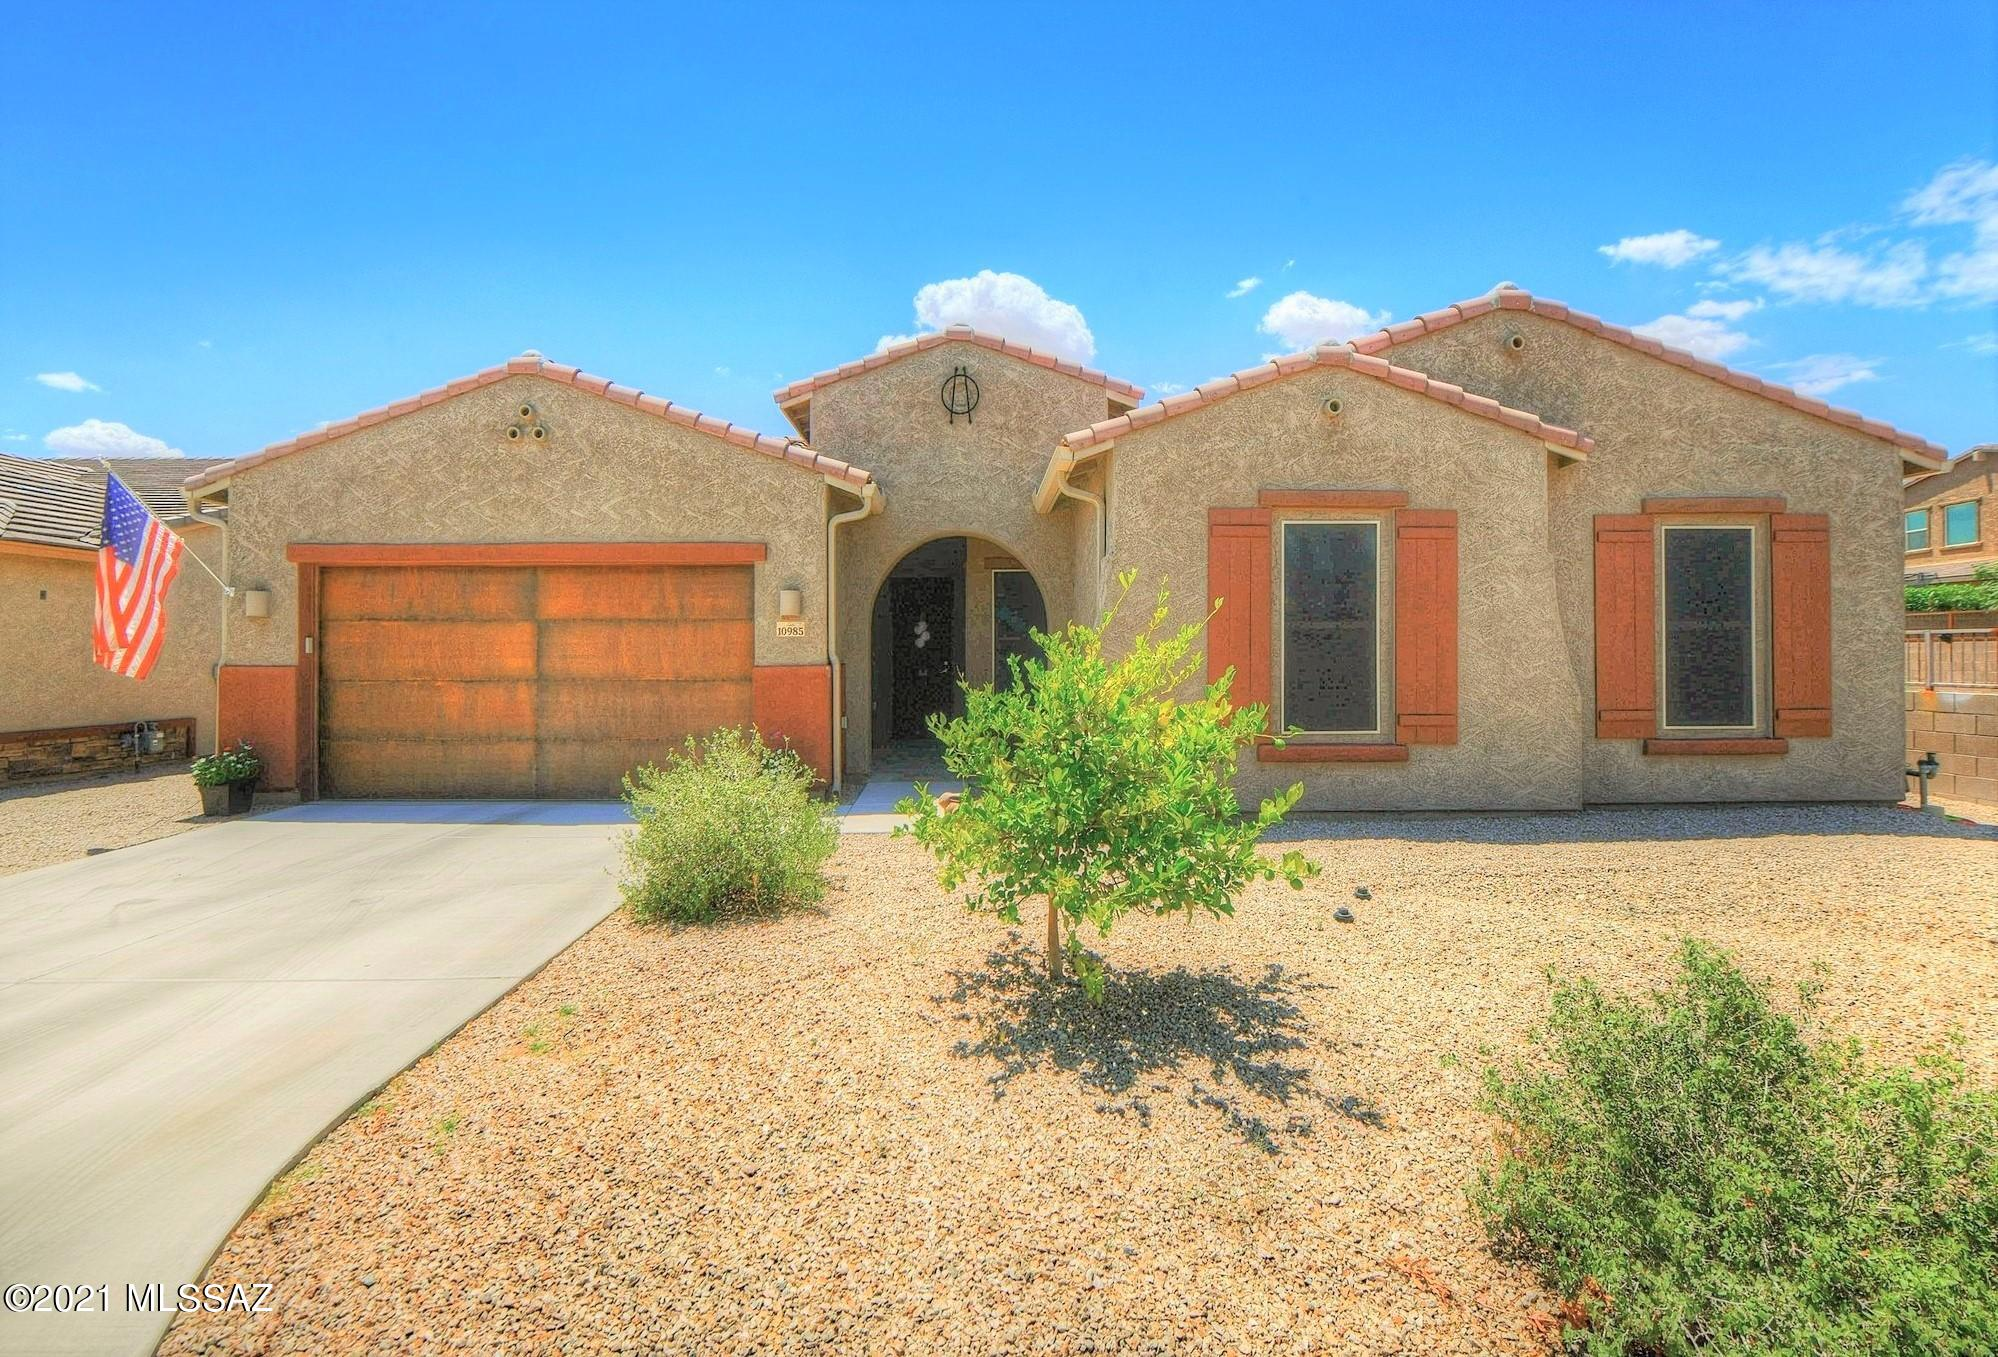 Photo of 10985 N Delphinus Street, Oro Valley, AZ 85742